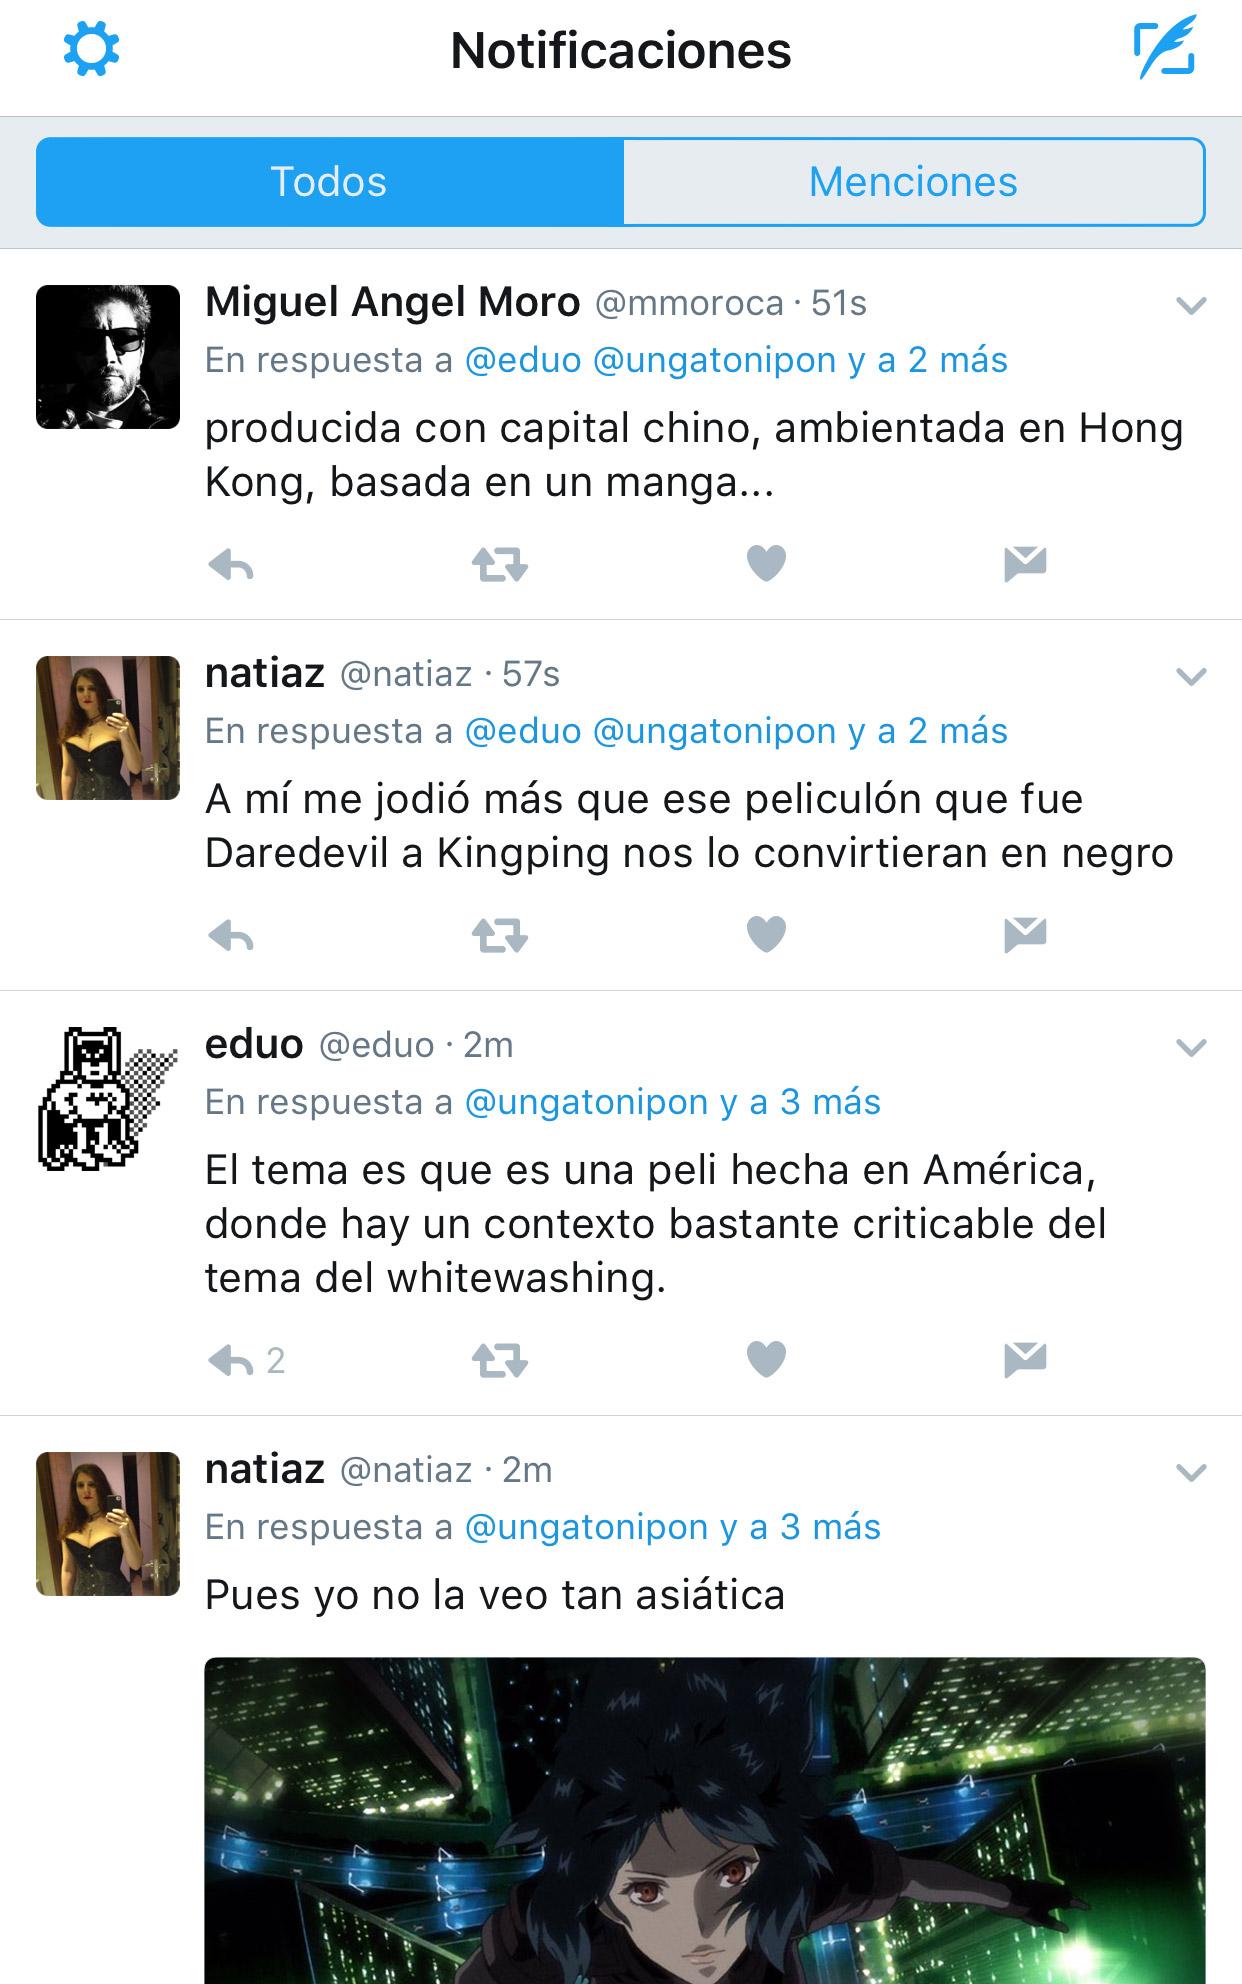 Menciones en Twitter